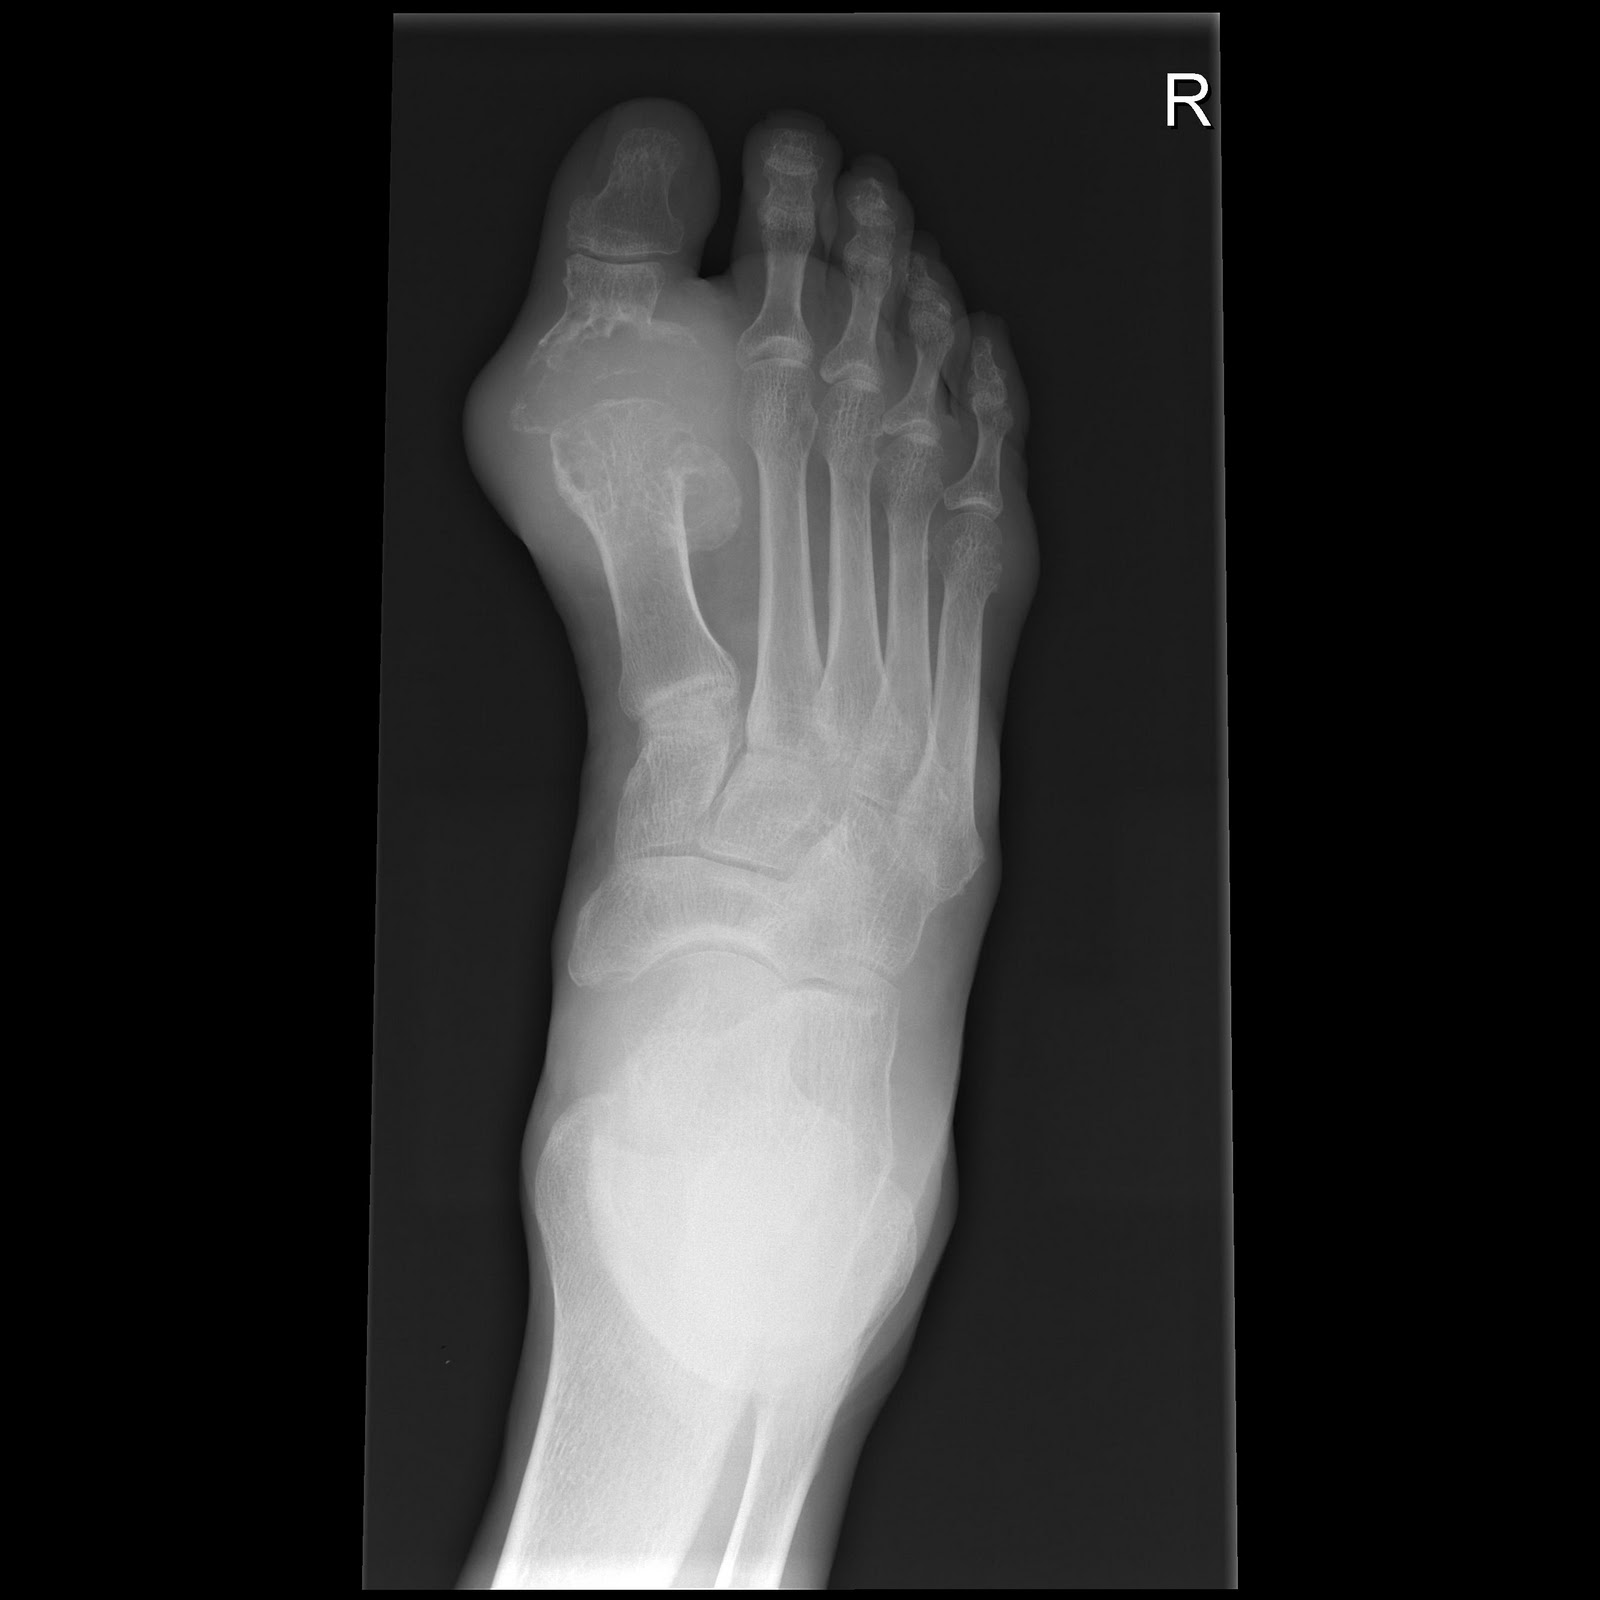 foot xray machine